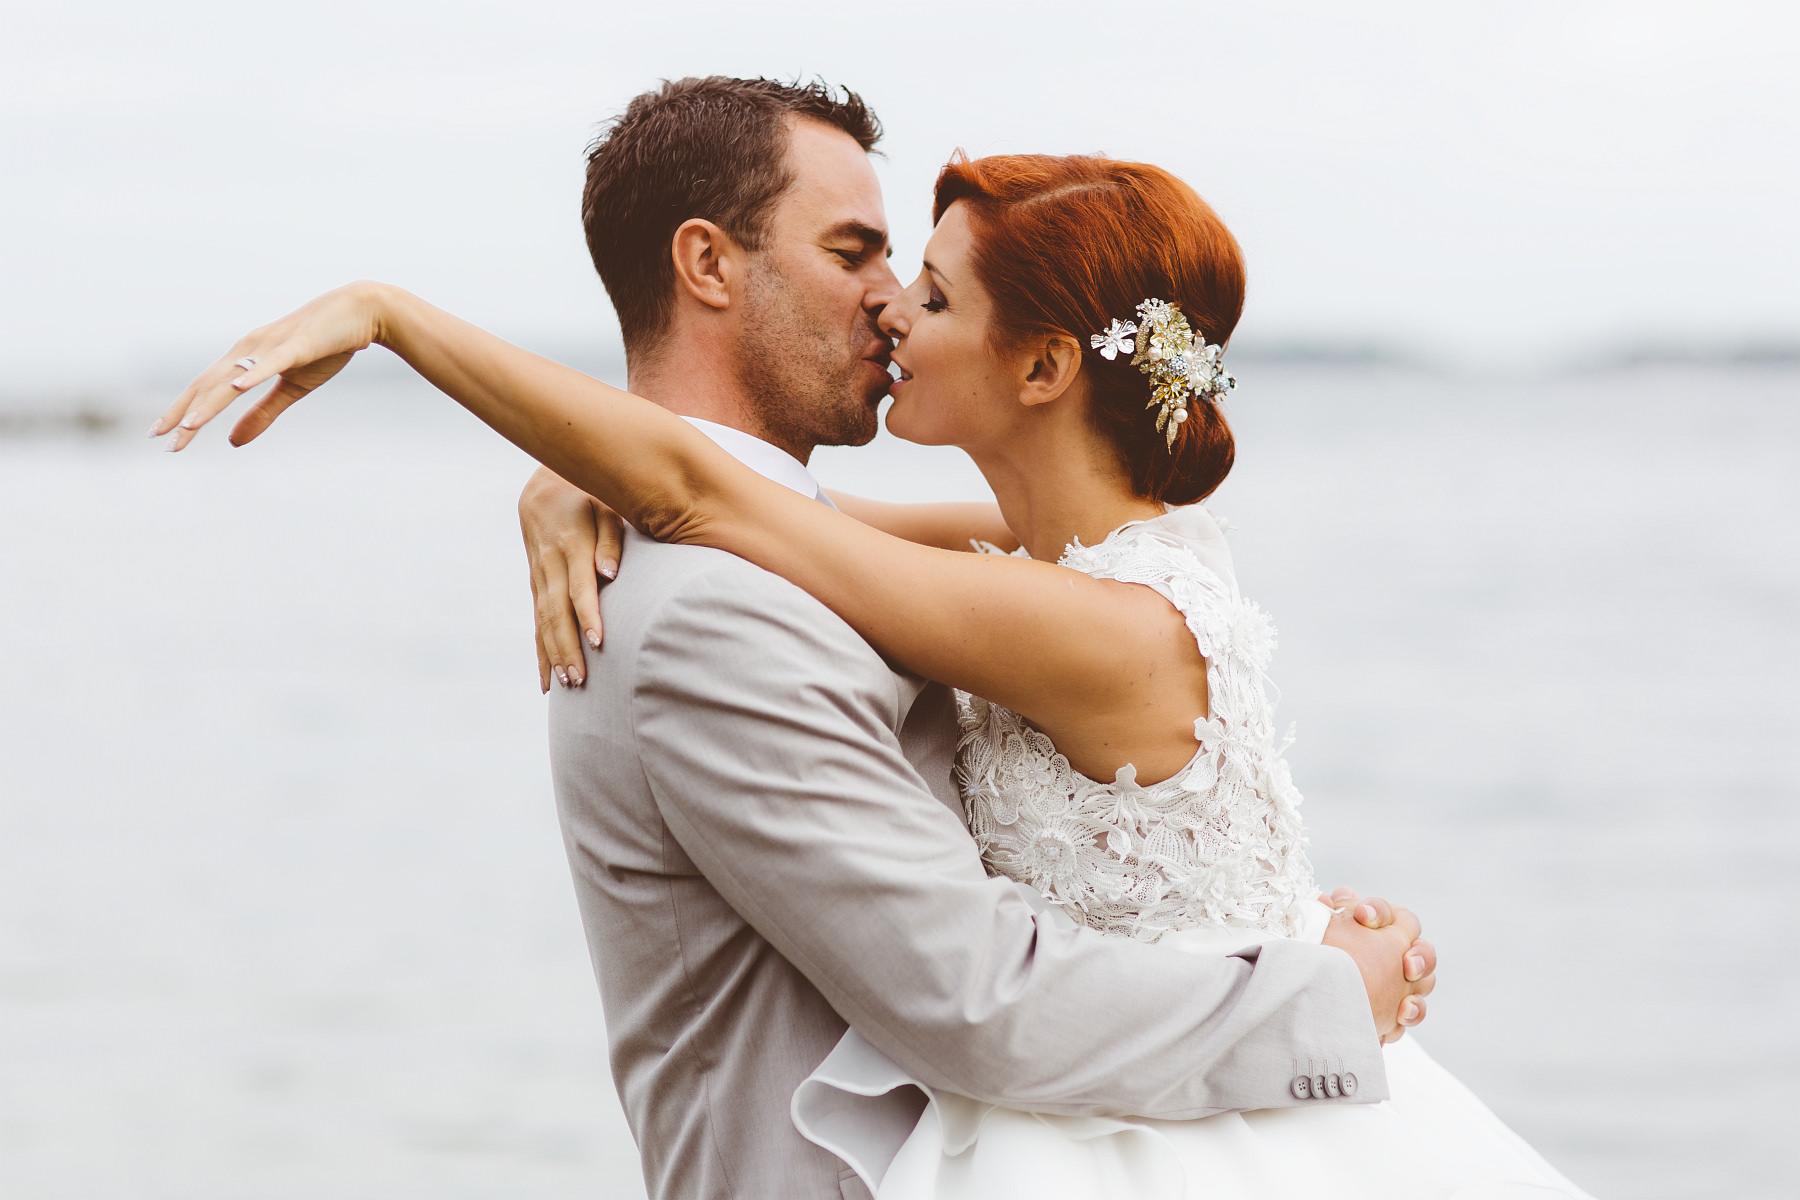 Agnieszka & Elias, wedding | Nynäs Slott, Sztokholm, Sweden